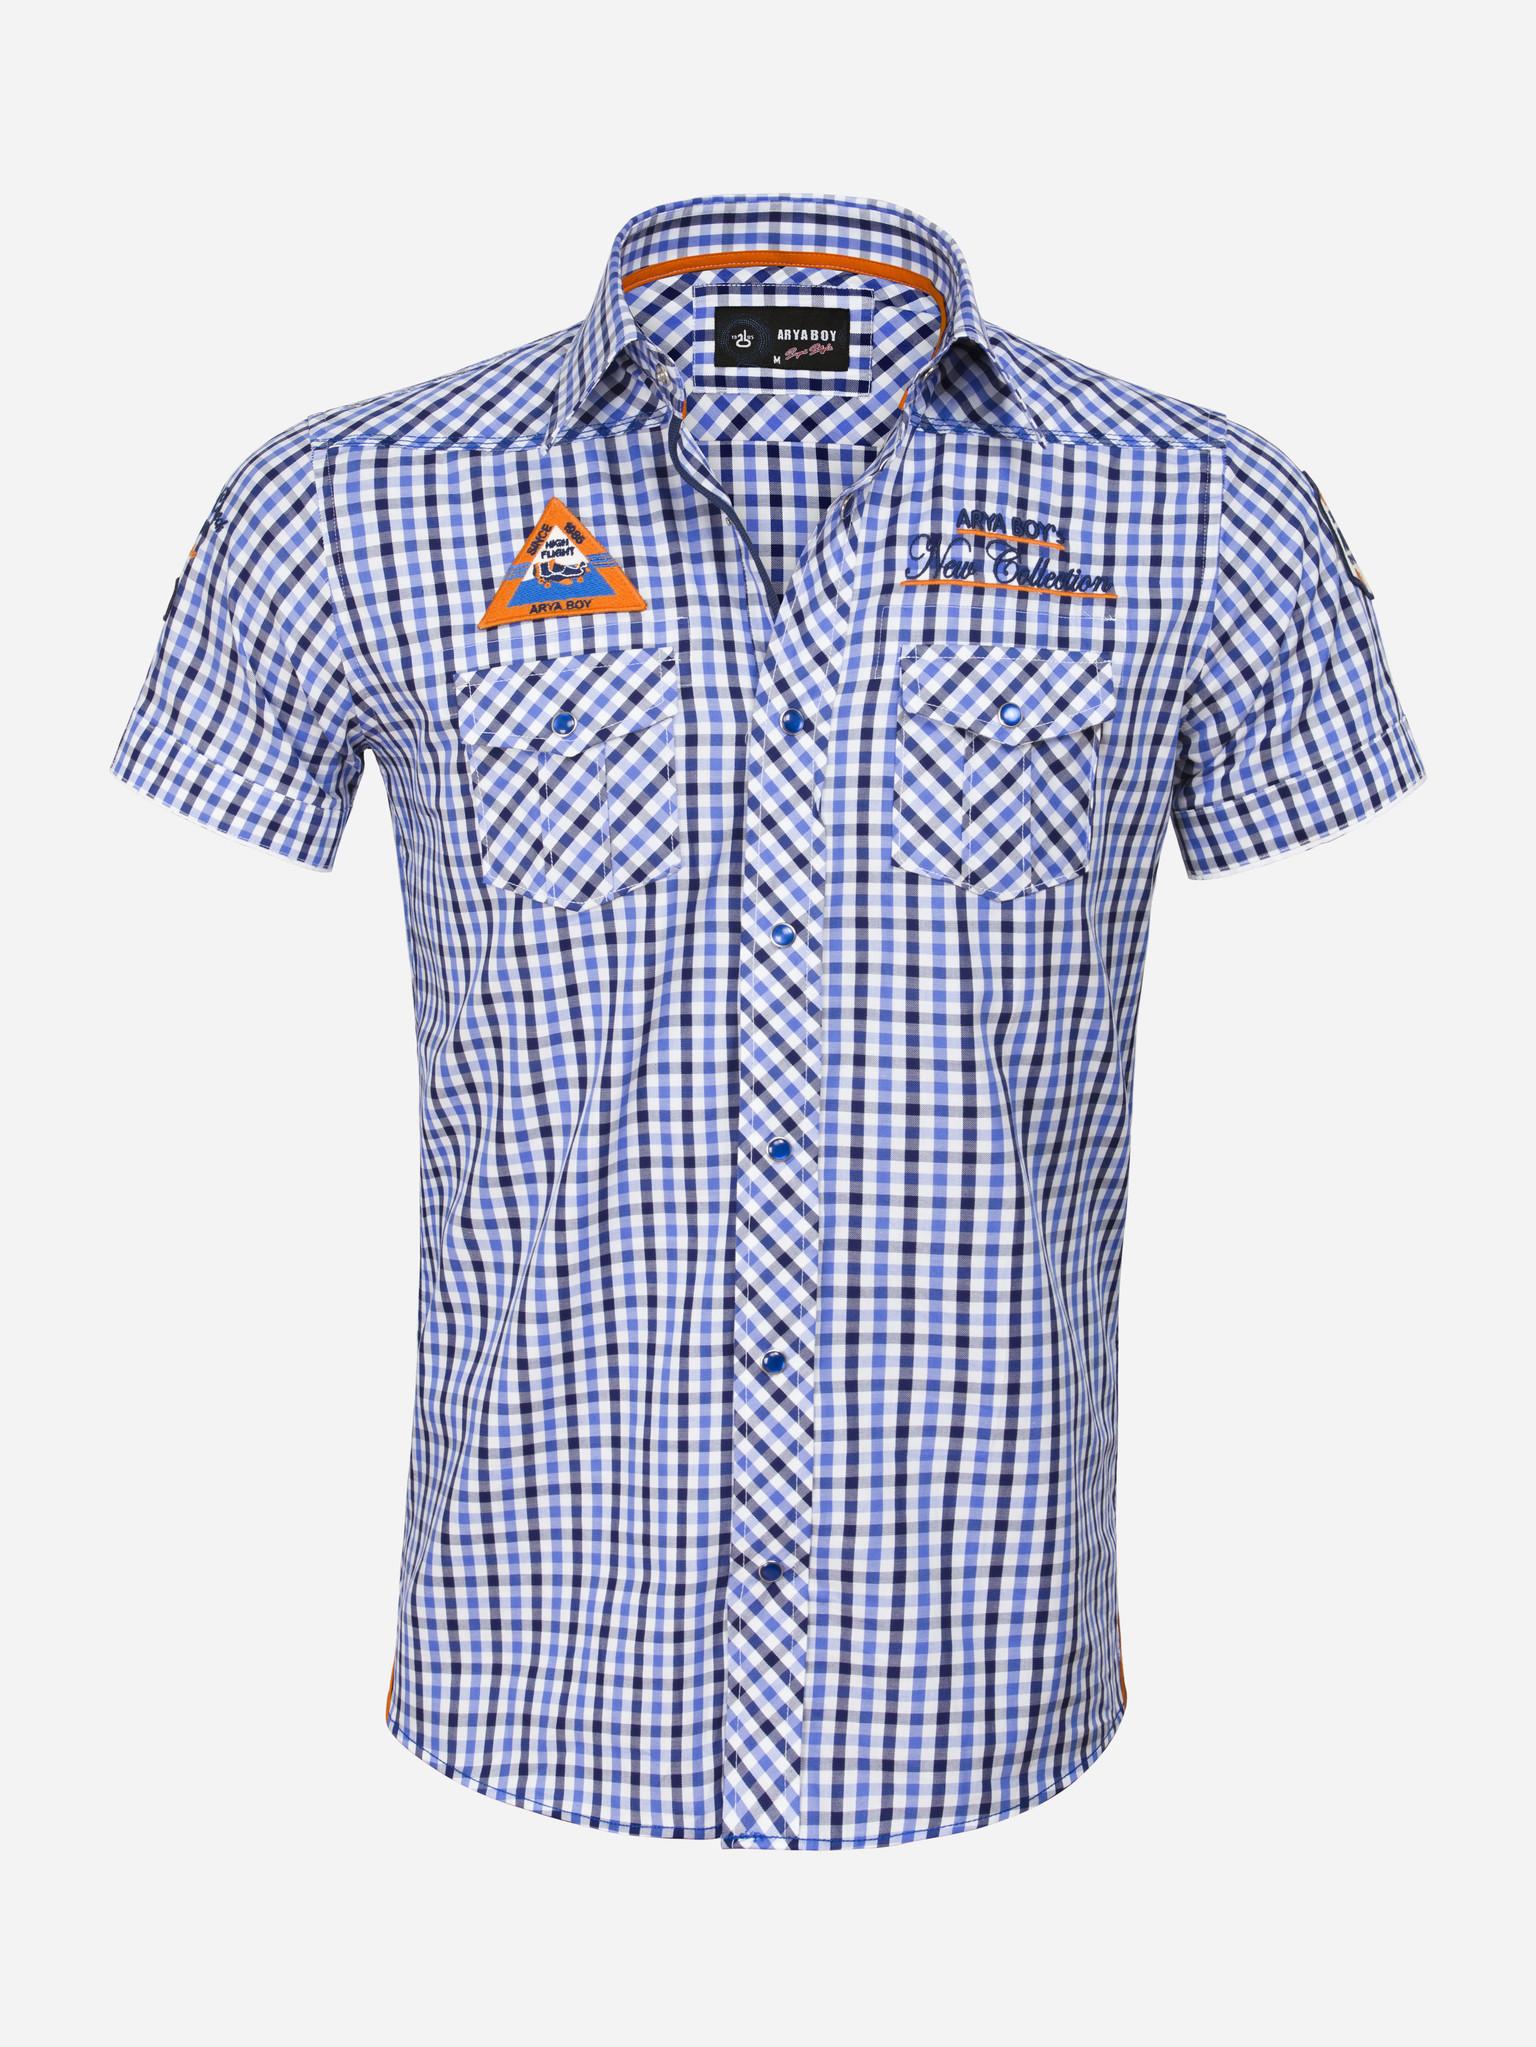 Arya Boy Overhemd Korte Mouw 8528 Maat: 4XL